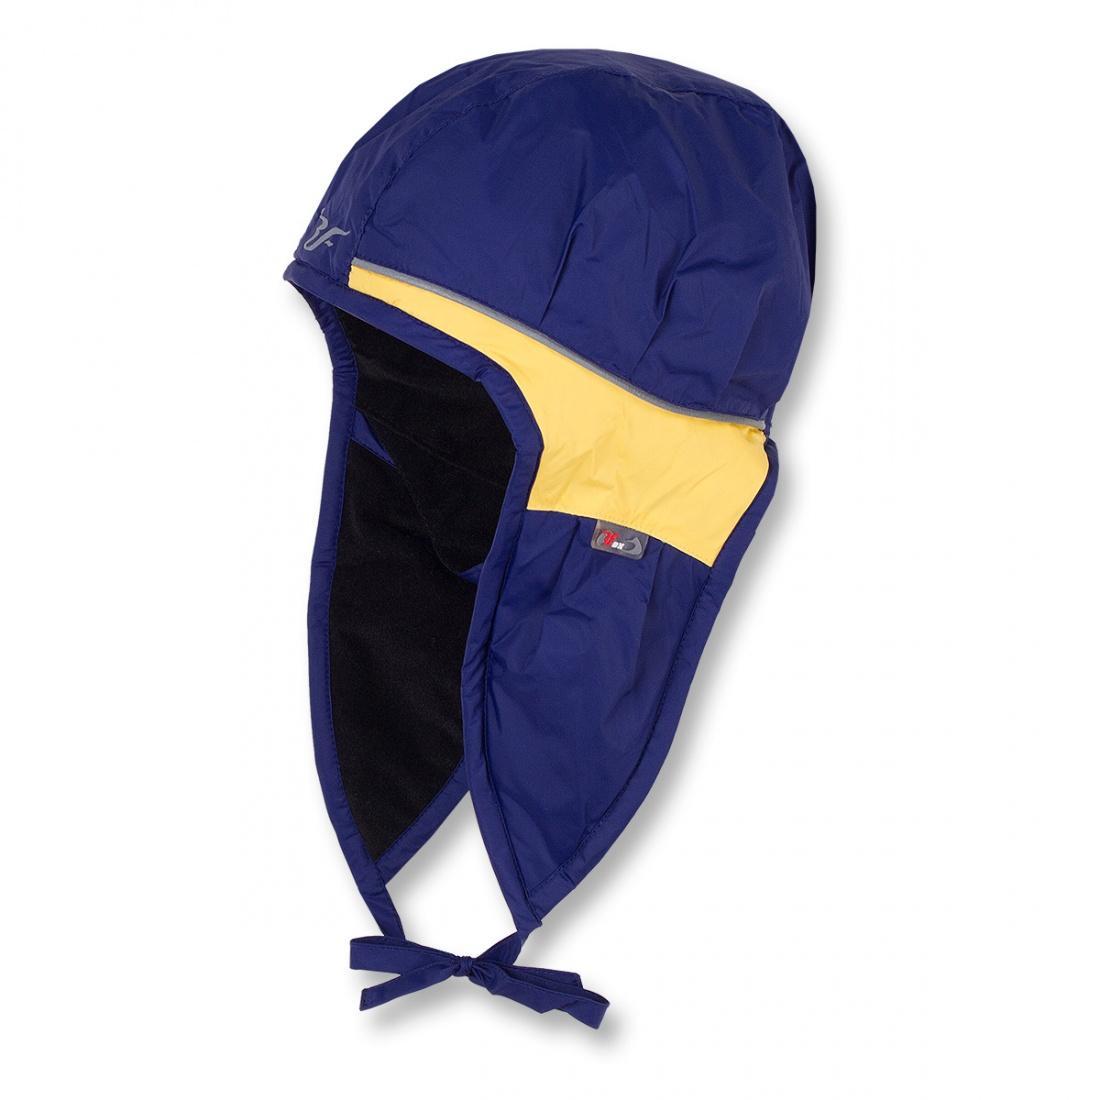 Шапка детская TressУшанки<br><br> Яркая контрастная шапочка прекрасно выделяет ребенка из толпы.<br><br> <br><br><br><br> Основной материал – Dry Factor 1000.<br><br> <br><br><br> Утеп...<br><br>Цвет: Синий<br>Размер: M